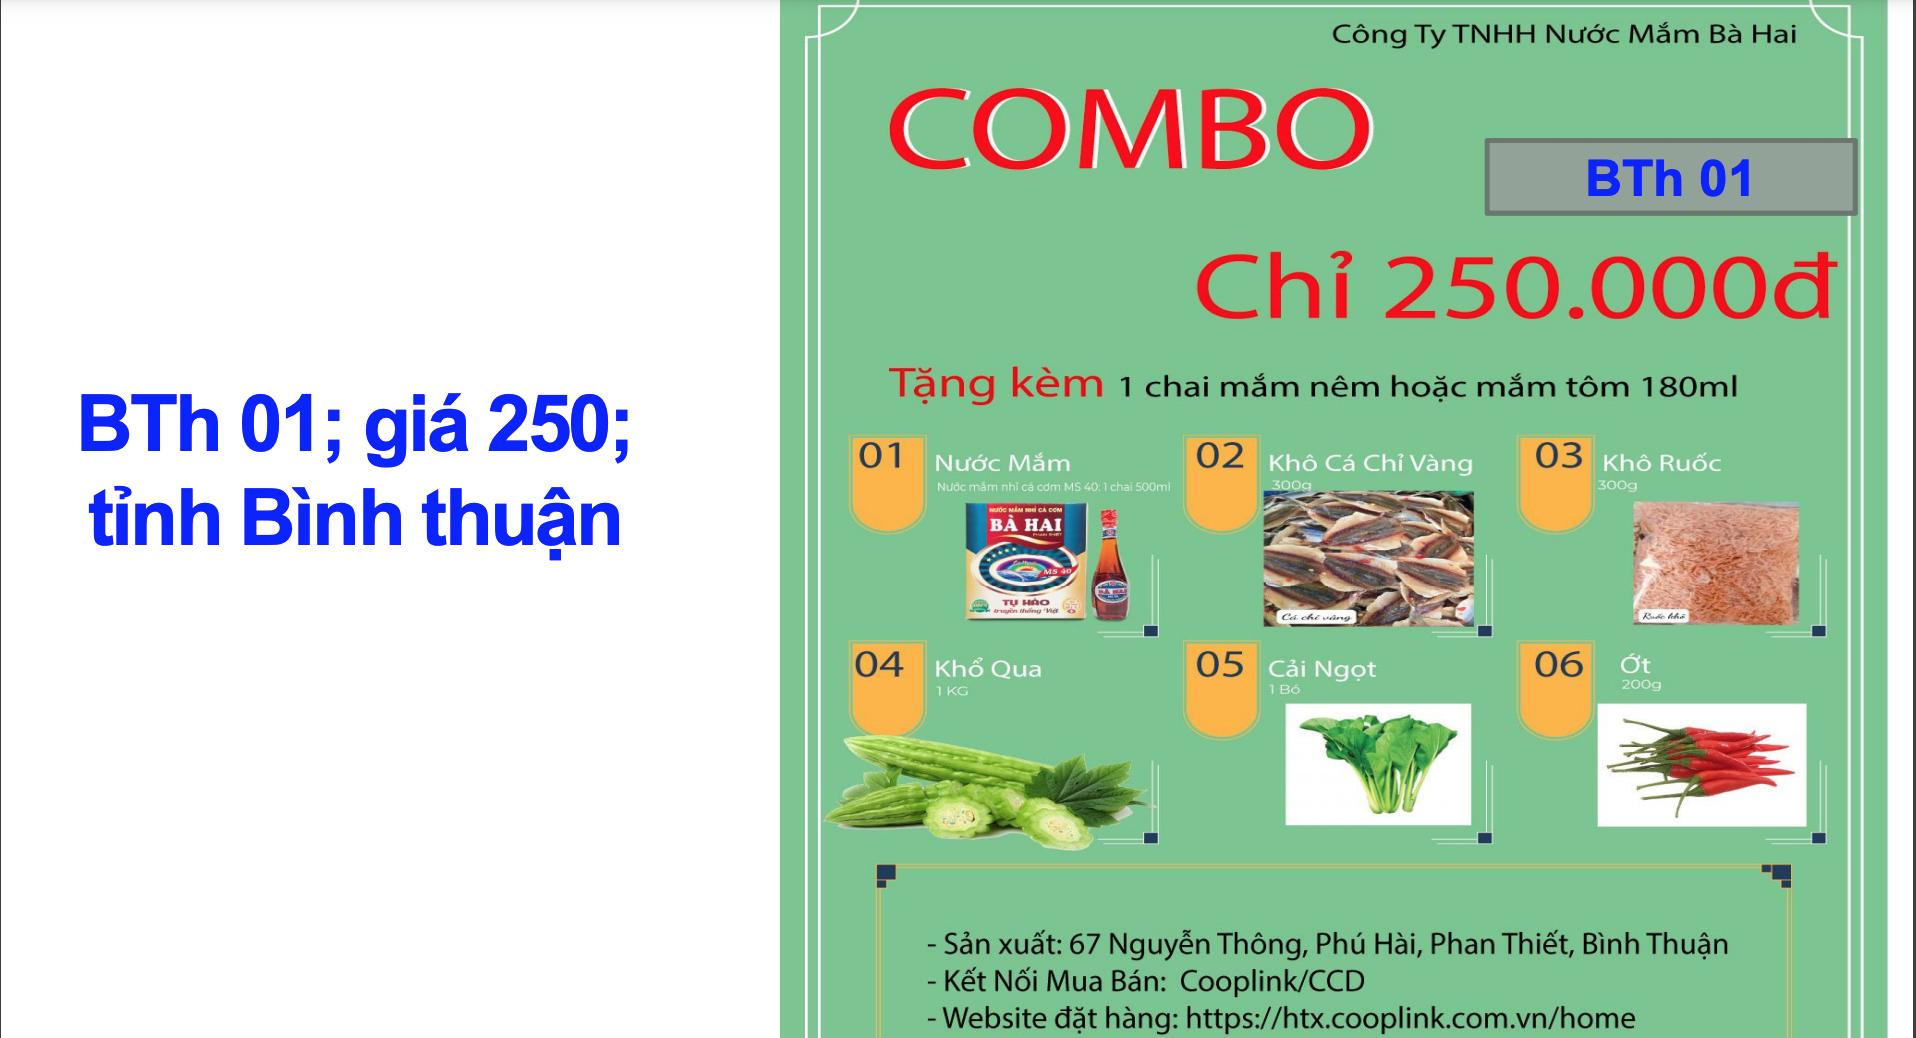 Combo 250.000 đồng từ tỉnh Bình Thuận gồm: 1 chai nước mắm loại 500ml, 300g khô cá chỉ vàng, 300g khô ruốc, 1kg khổ qua, 1 bó cải ngọt, 200g ớt.